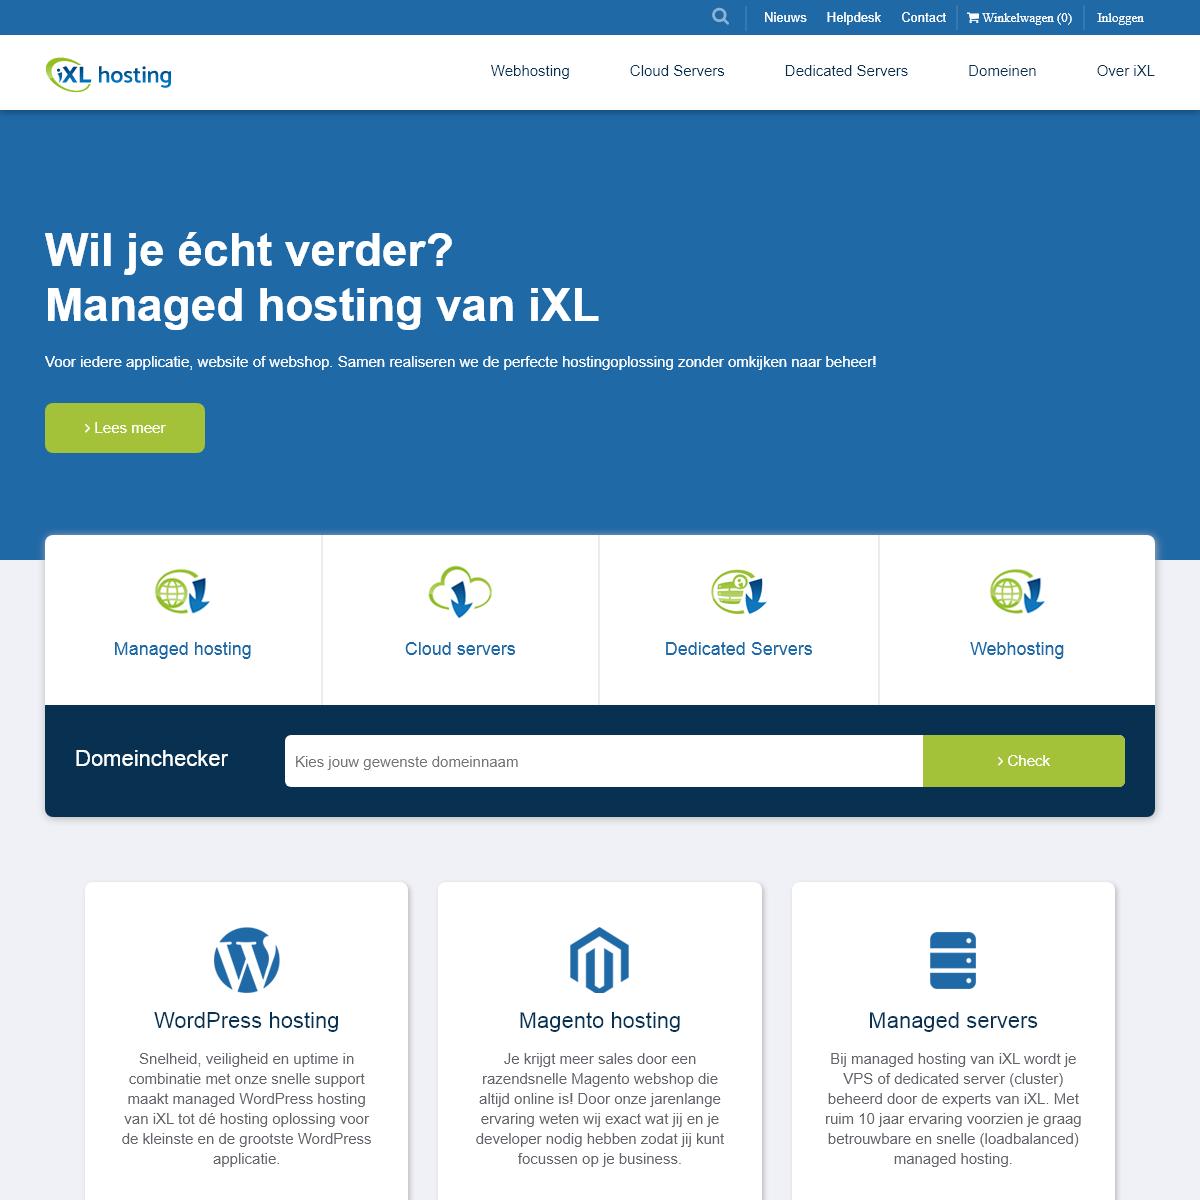 iXL Hosting B.V. - Shop Webhosting, (managed) Cloud En Dedicated Servers